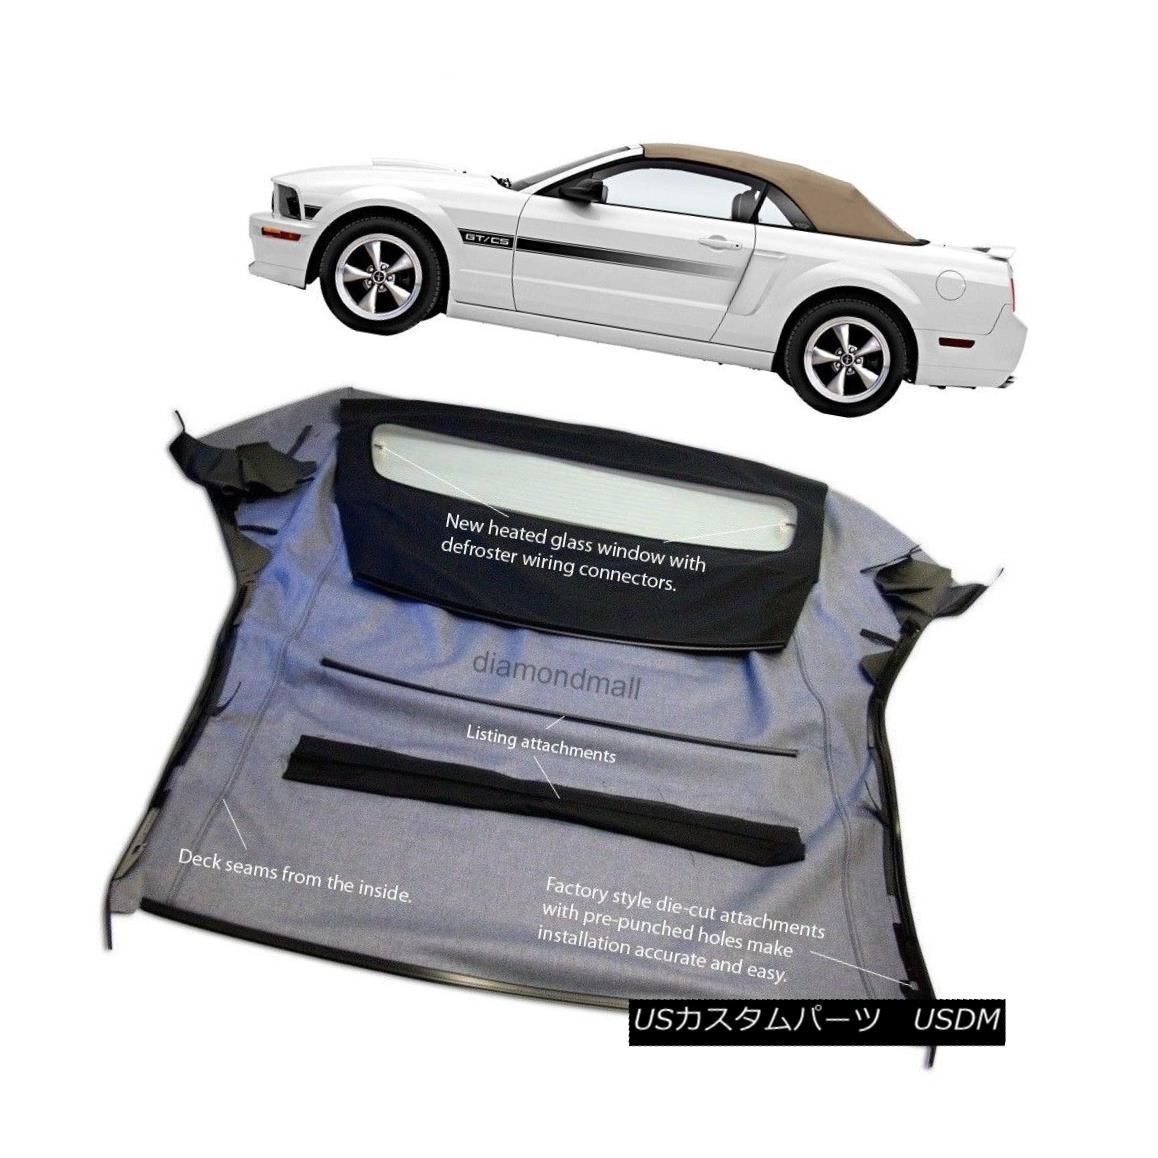 幌・ソフトトップ Ford Mustang 05-13 Convertible Soft Top & Glass window Camel Tan Sailcloth フォードマスタング05-13コンバーチブルソフトトップ& ガラスの窓Camel Tan Sailcloth